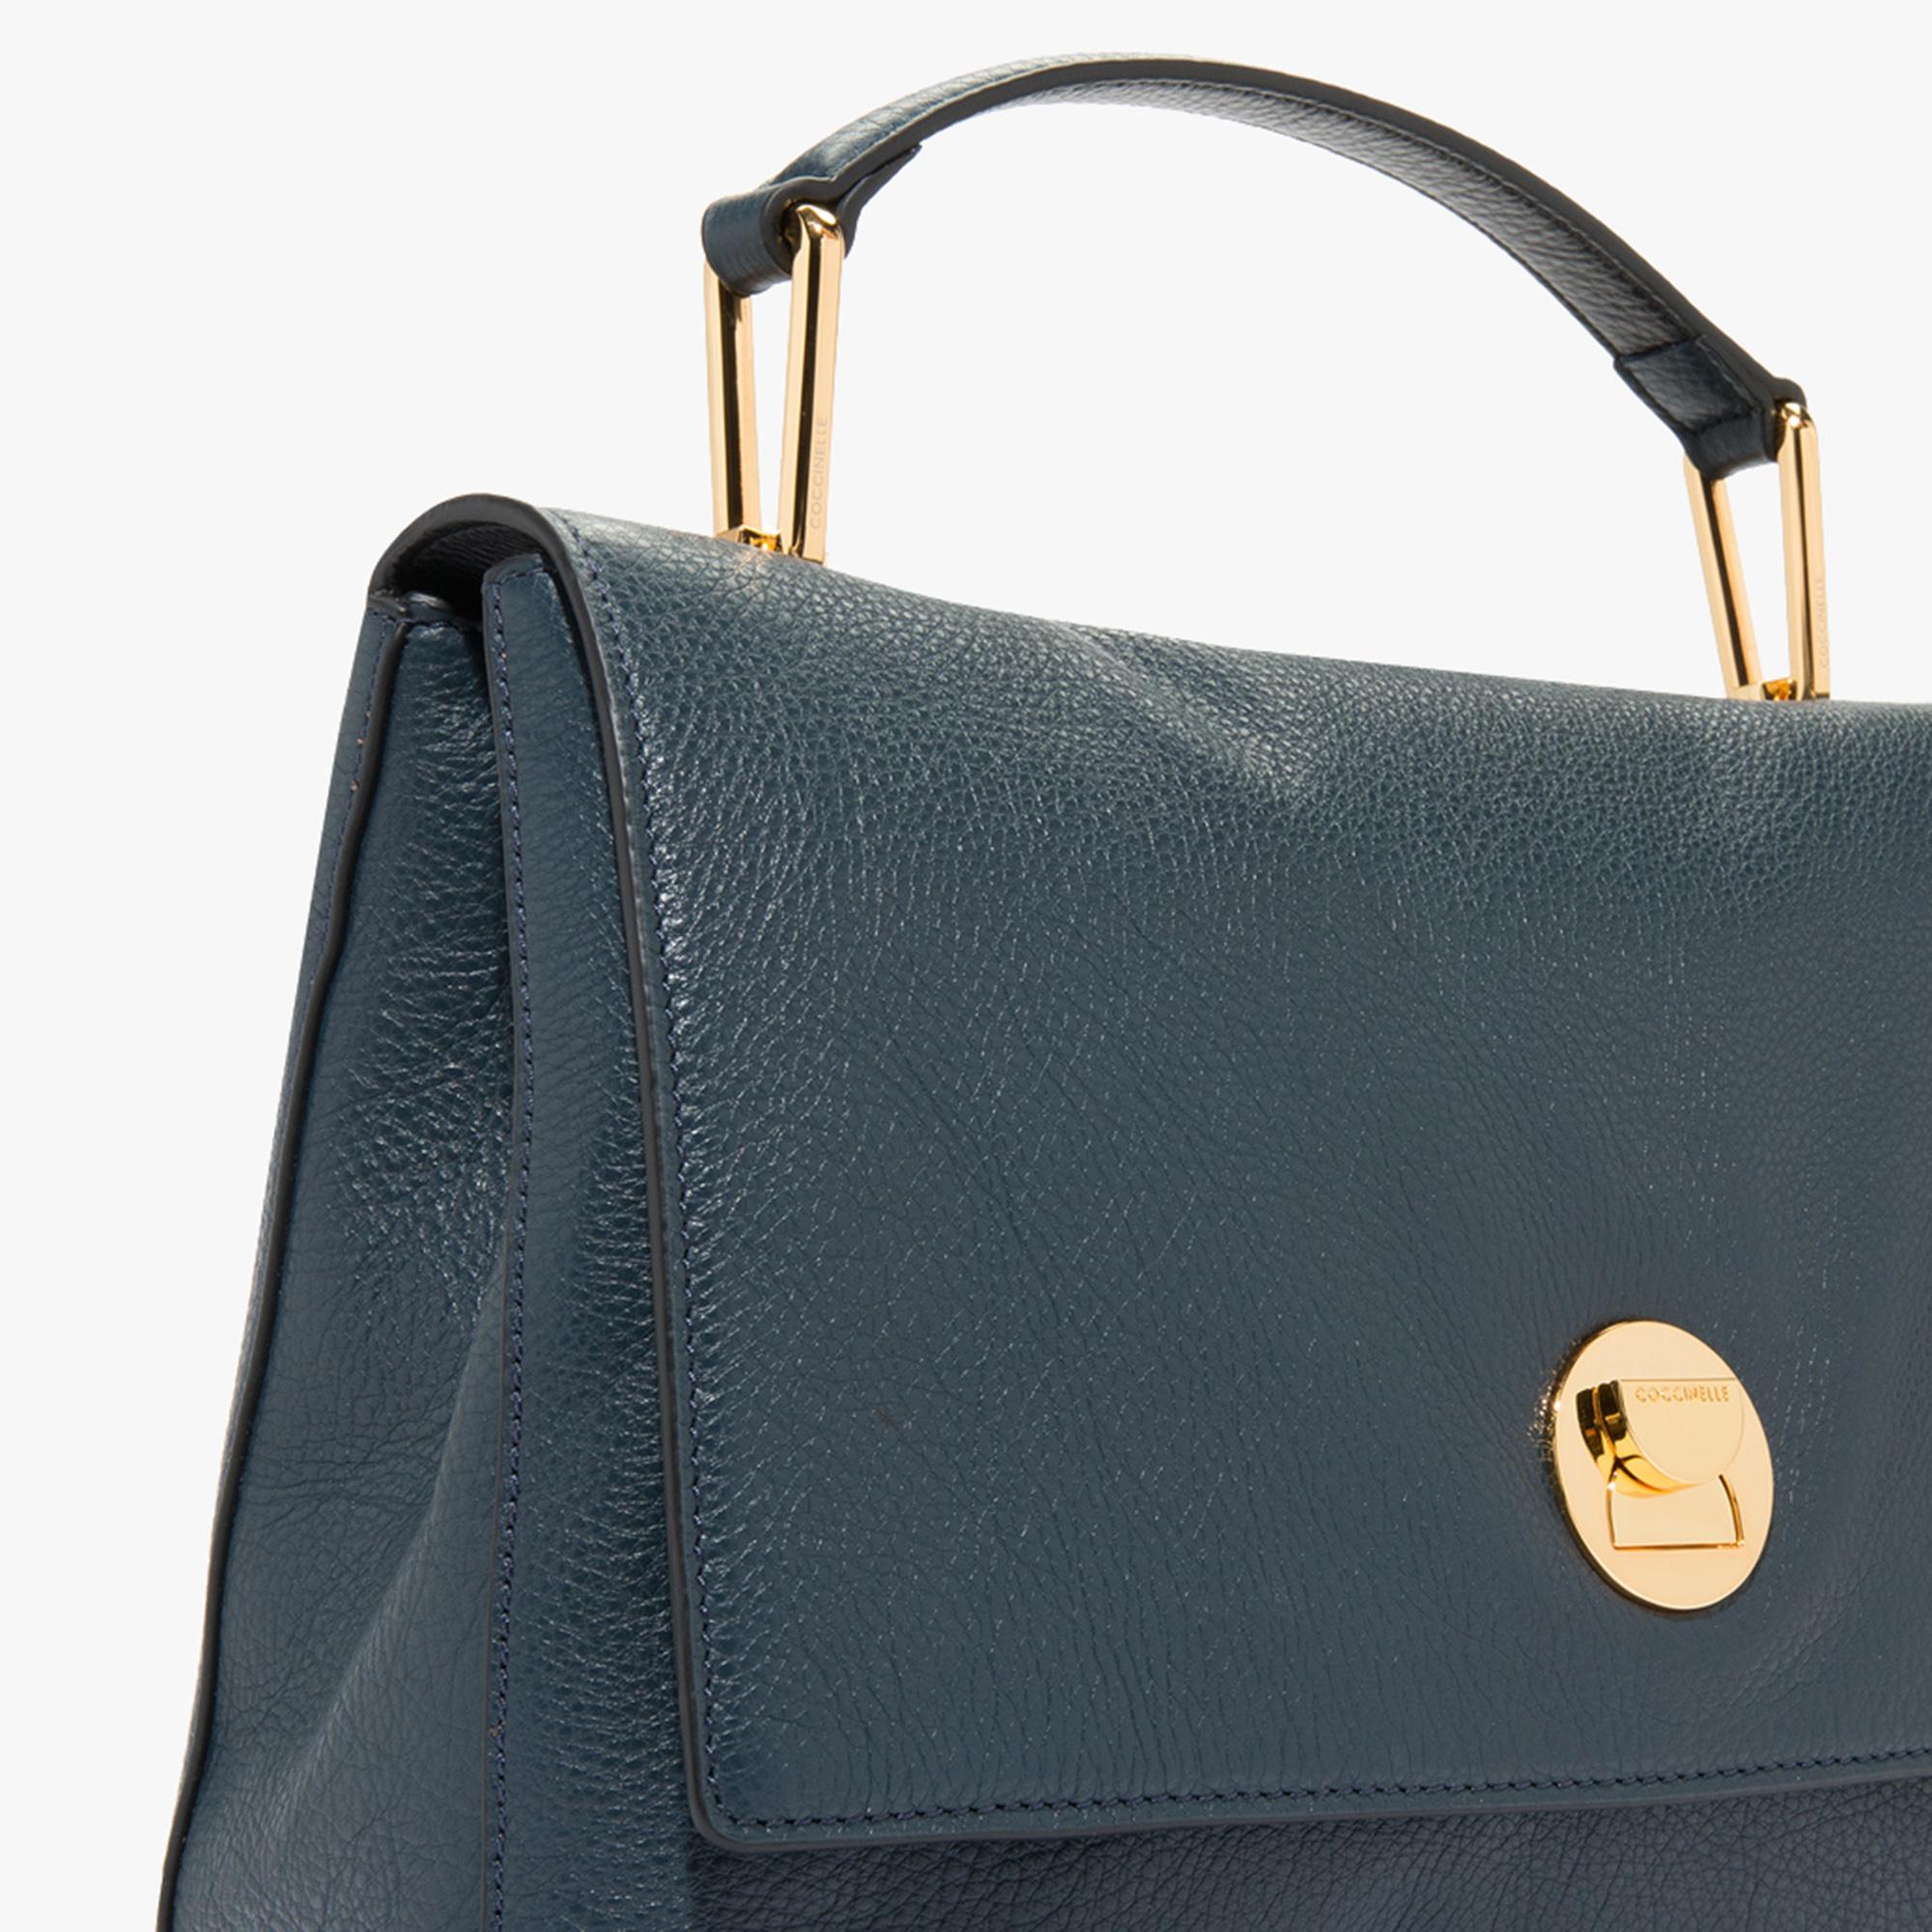 Liya leather handbag